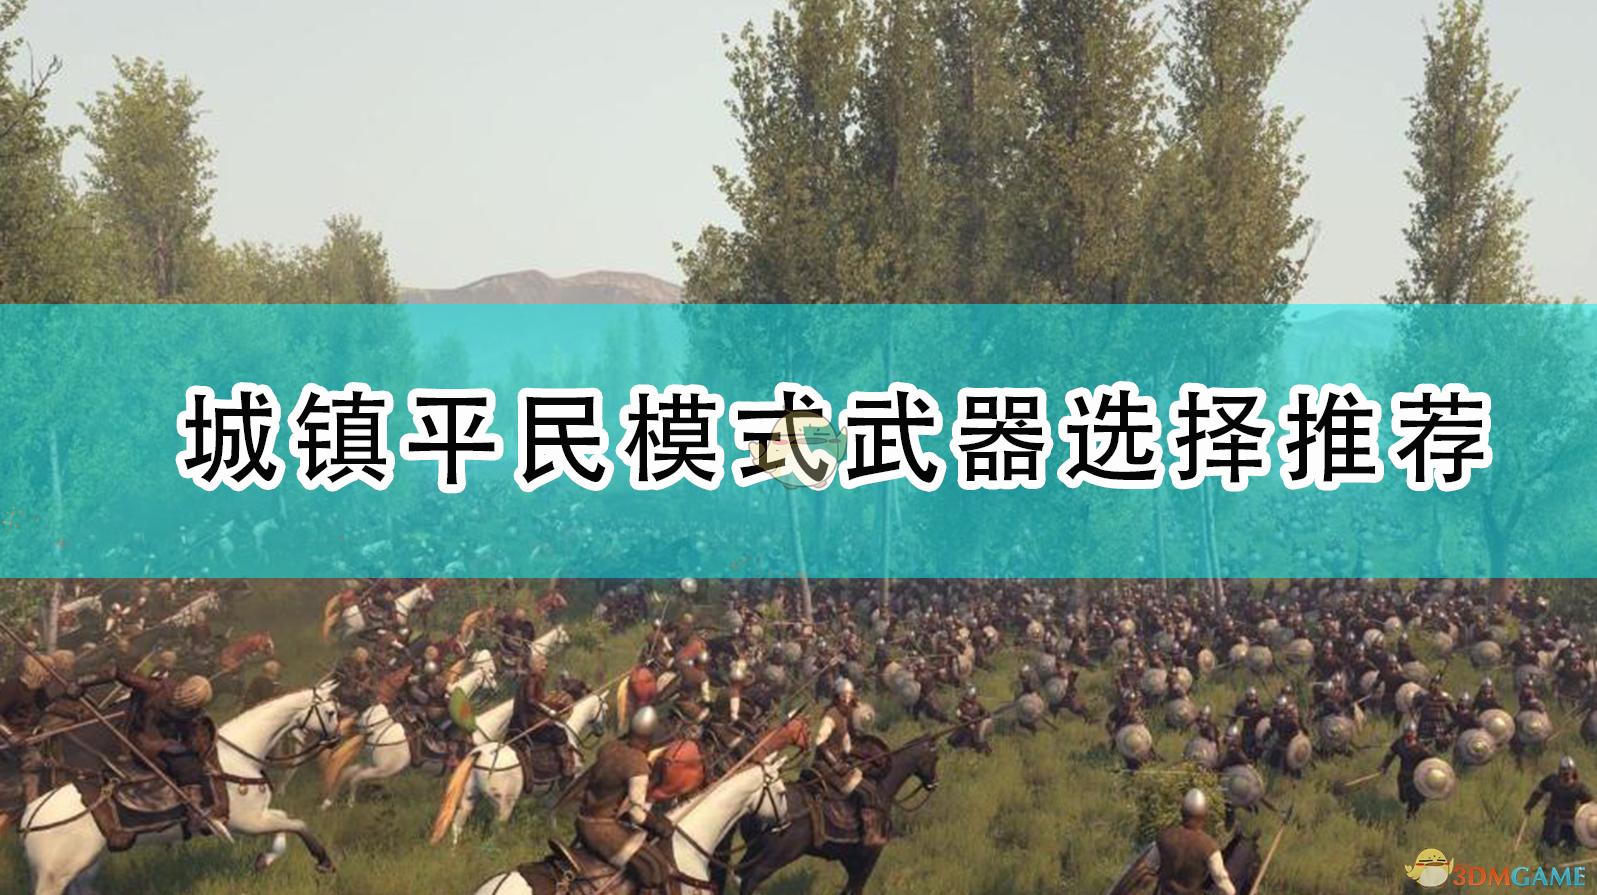 《骑马与砍杀2》城镇平民模式武器选择推荐